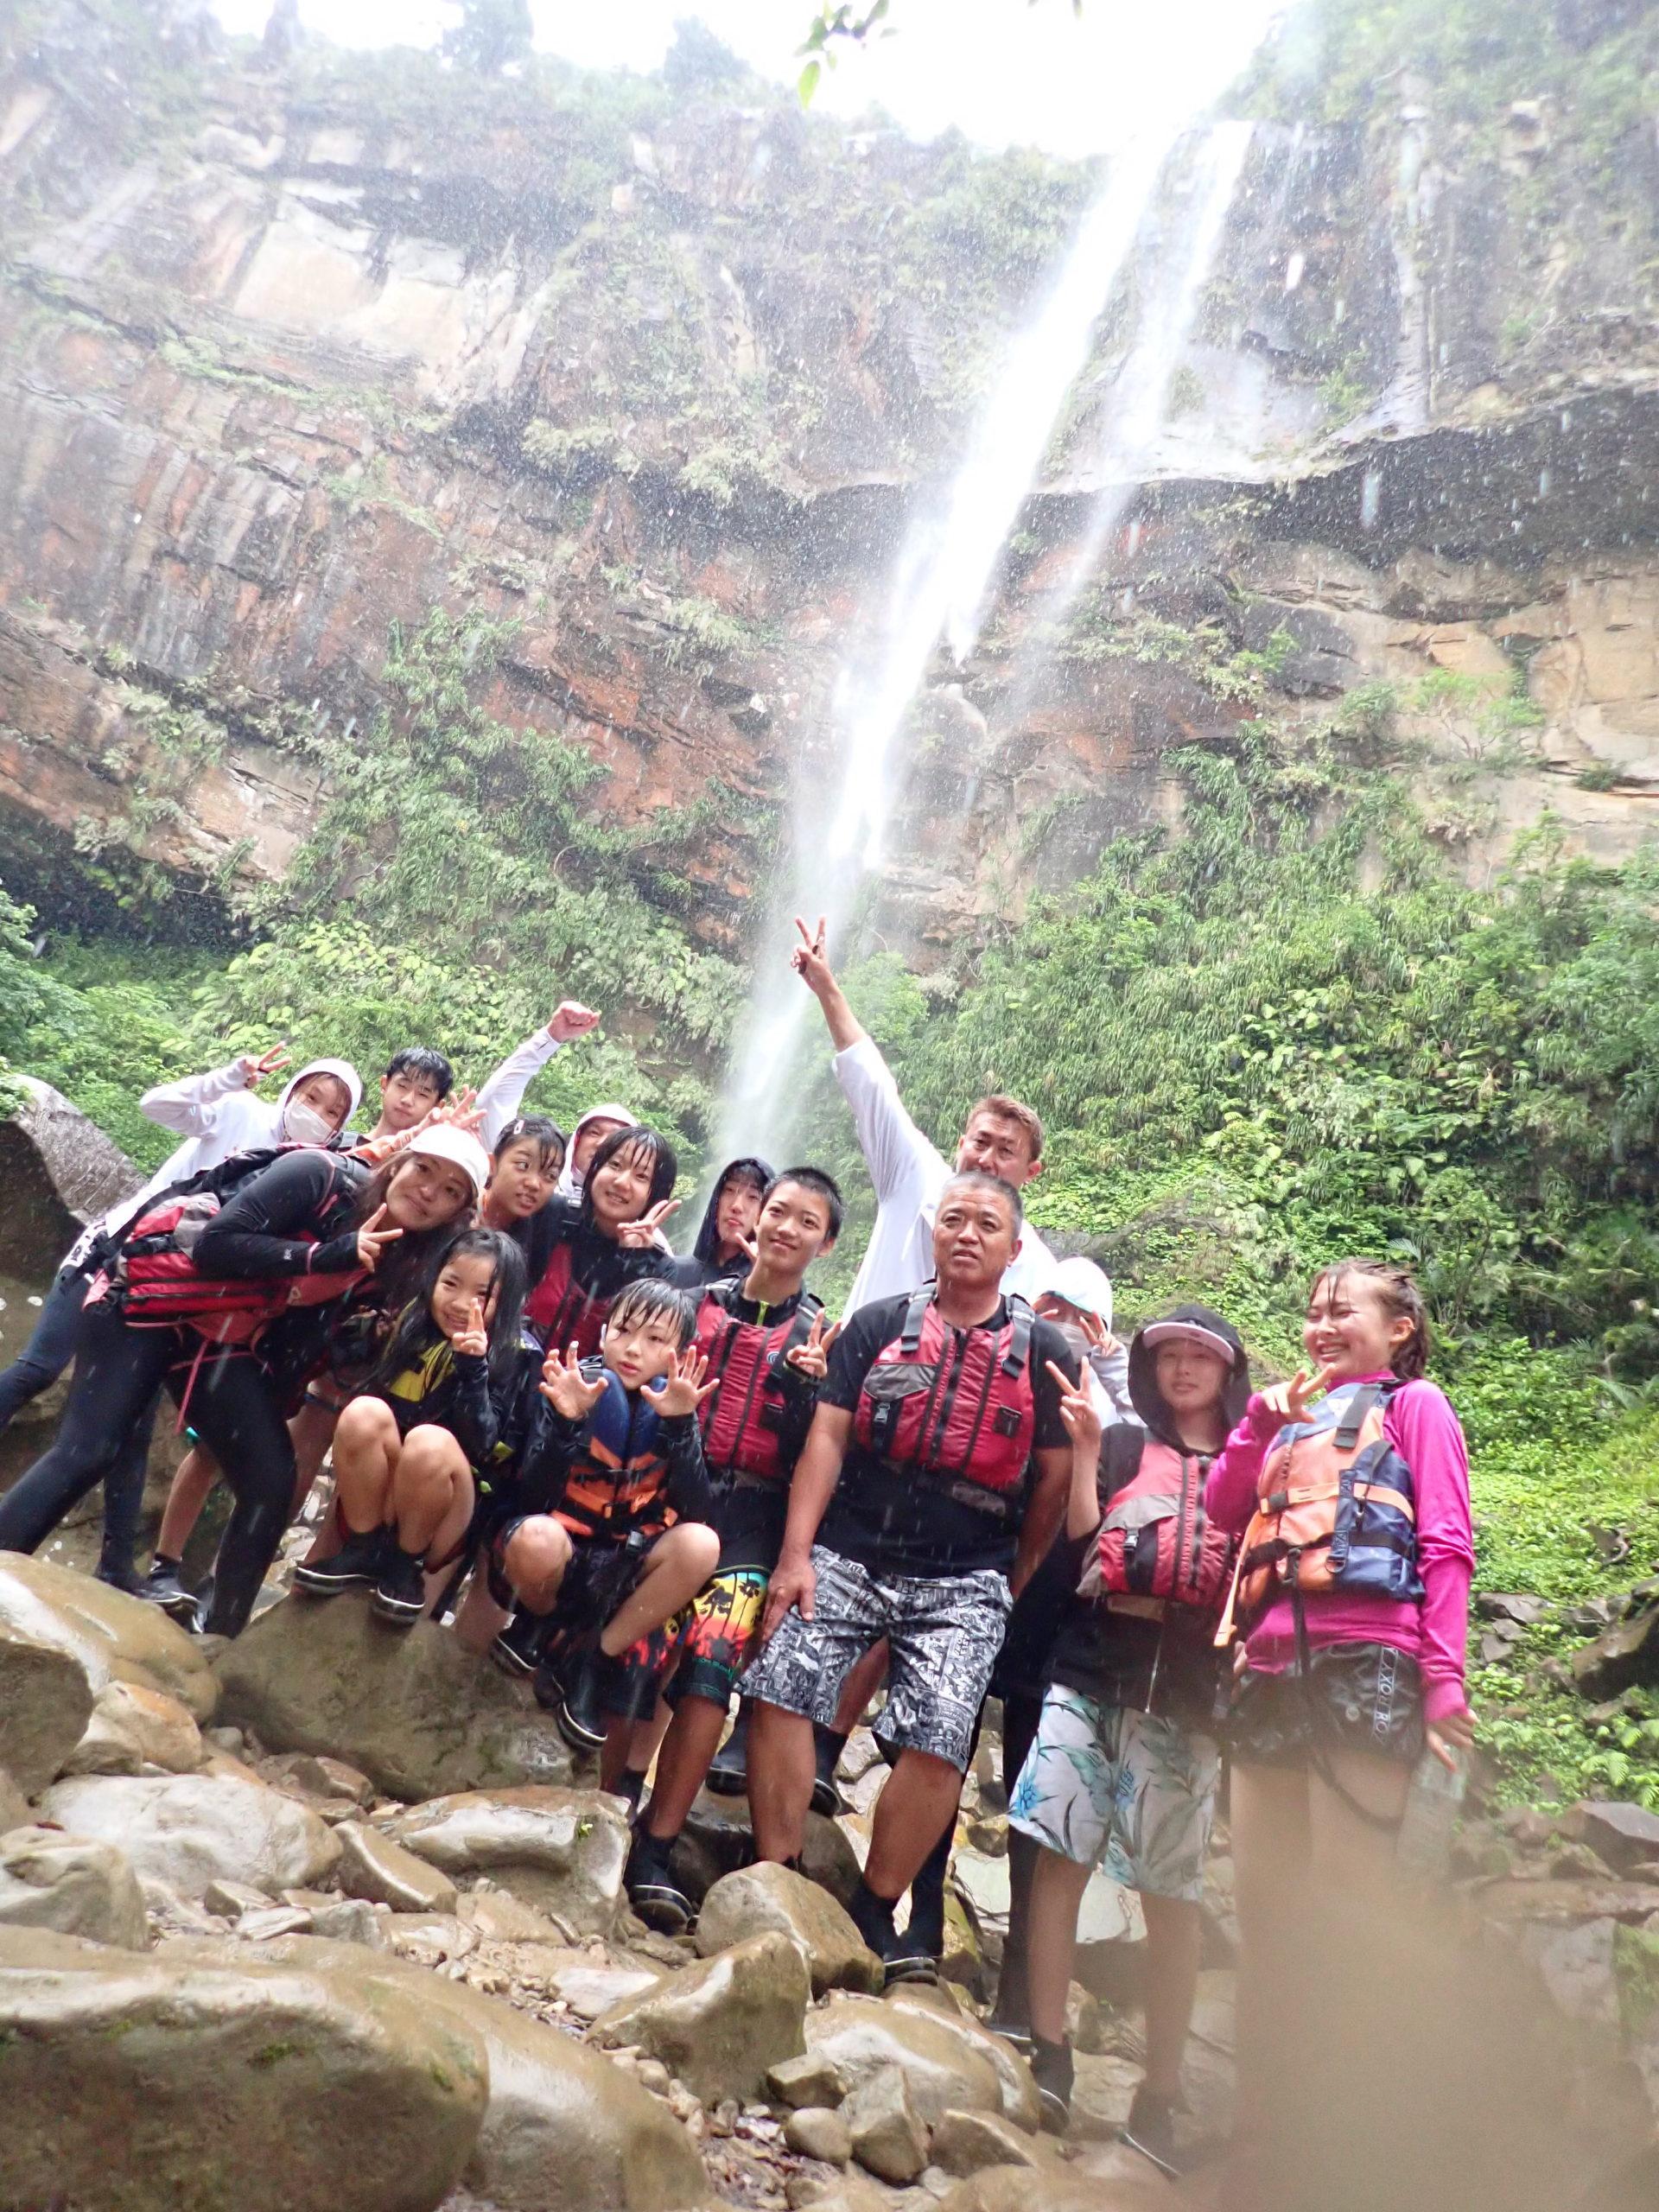 にぎやか御一行とピナイサーラの滝カヌー&由布島ツアー!